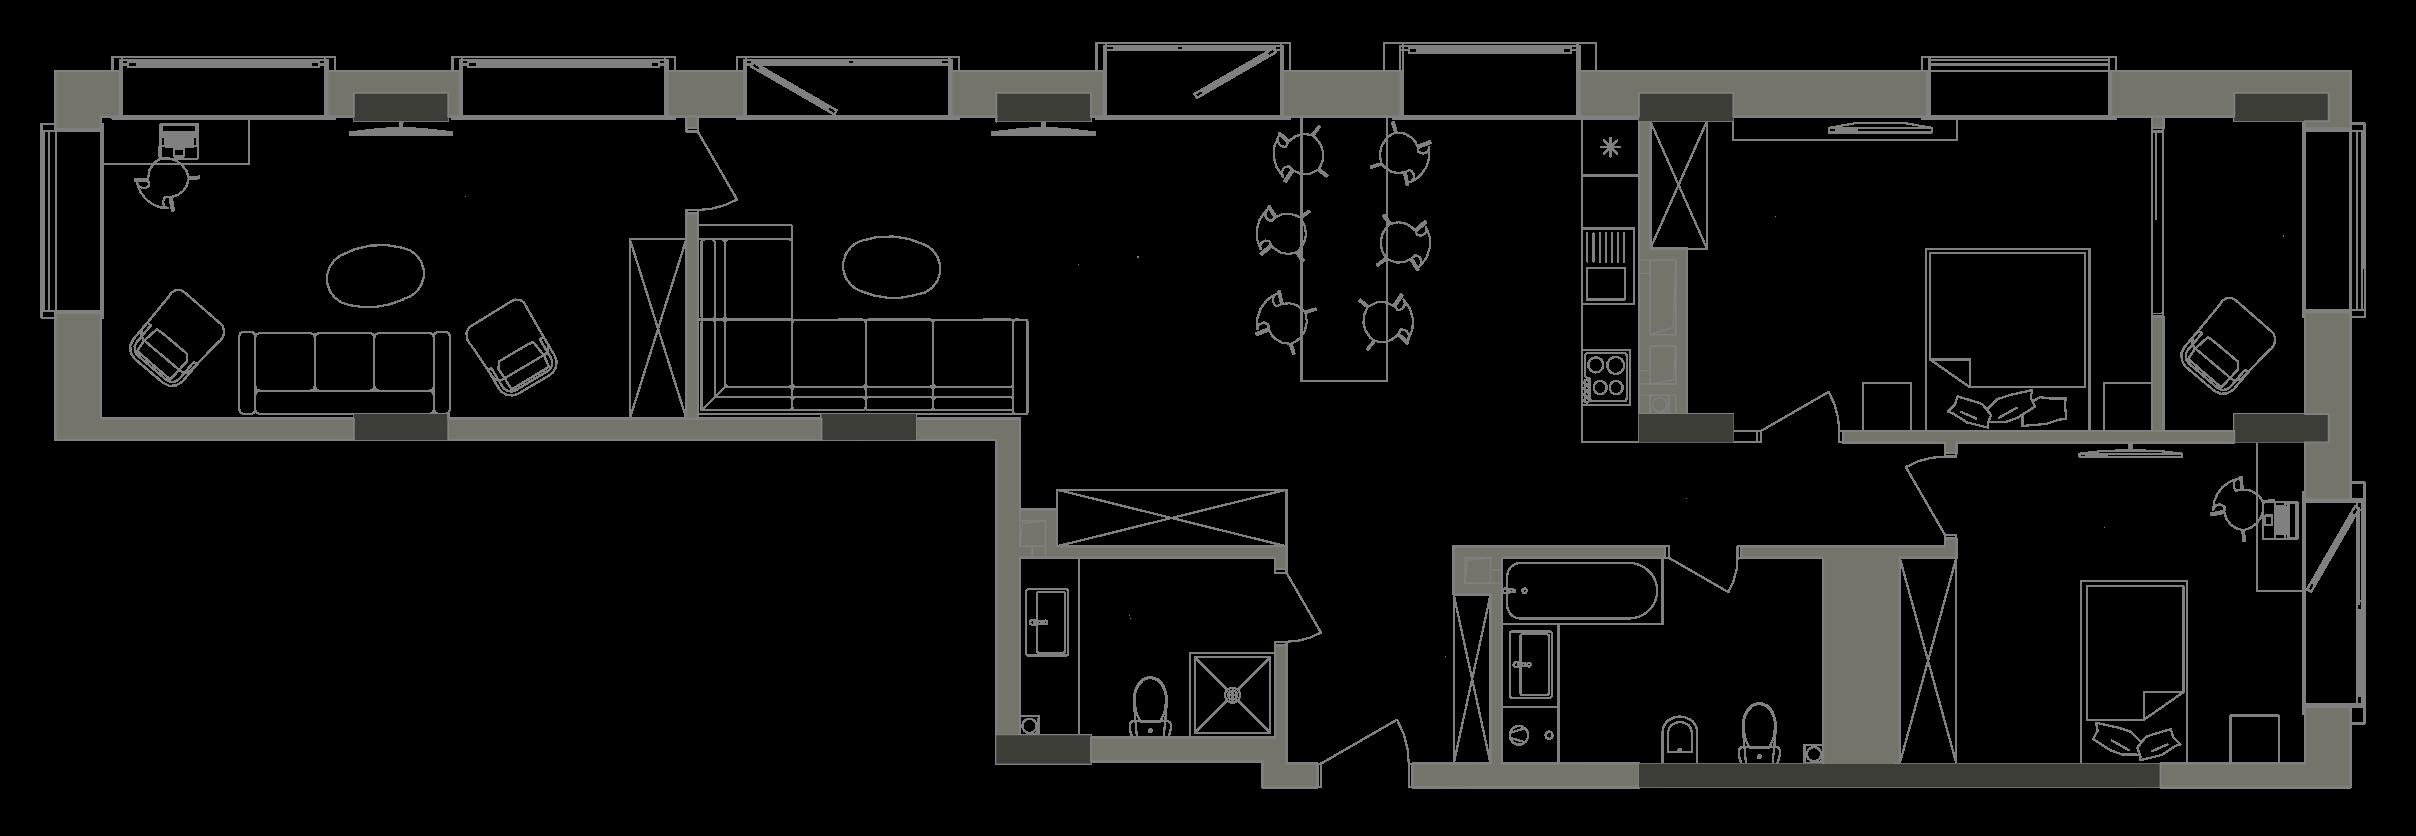 Квартира KV_37_3V_1_1_6